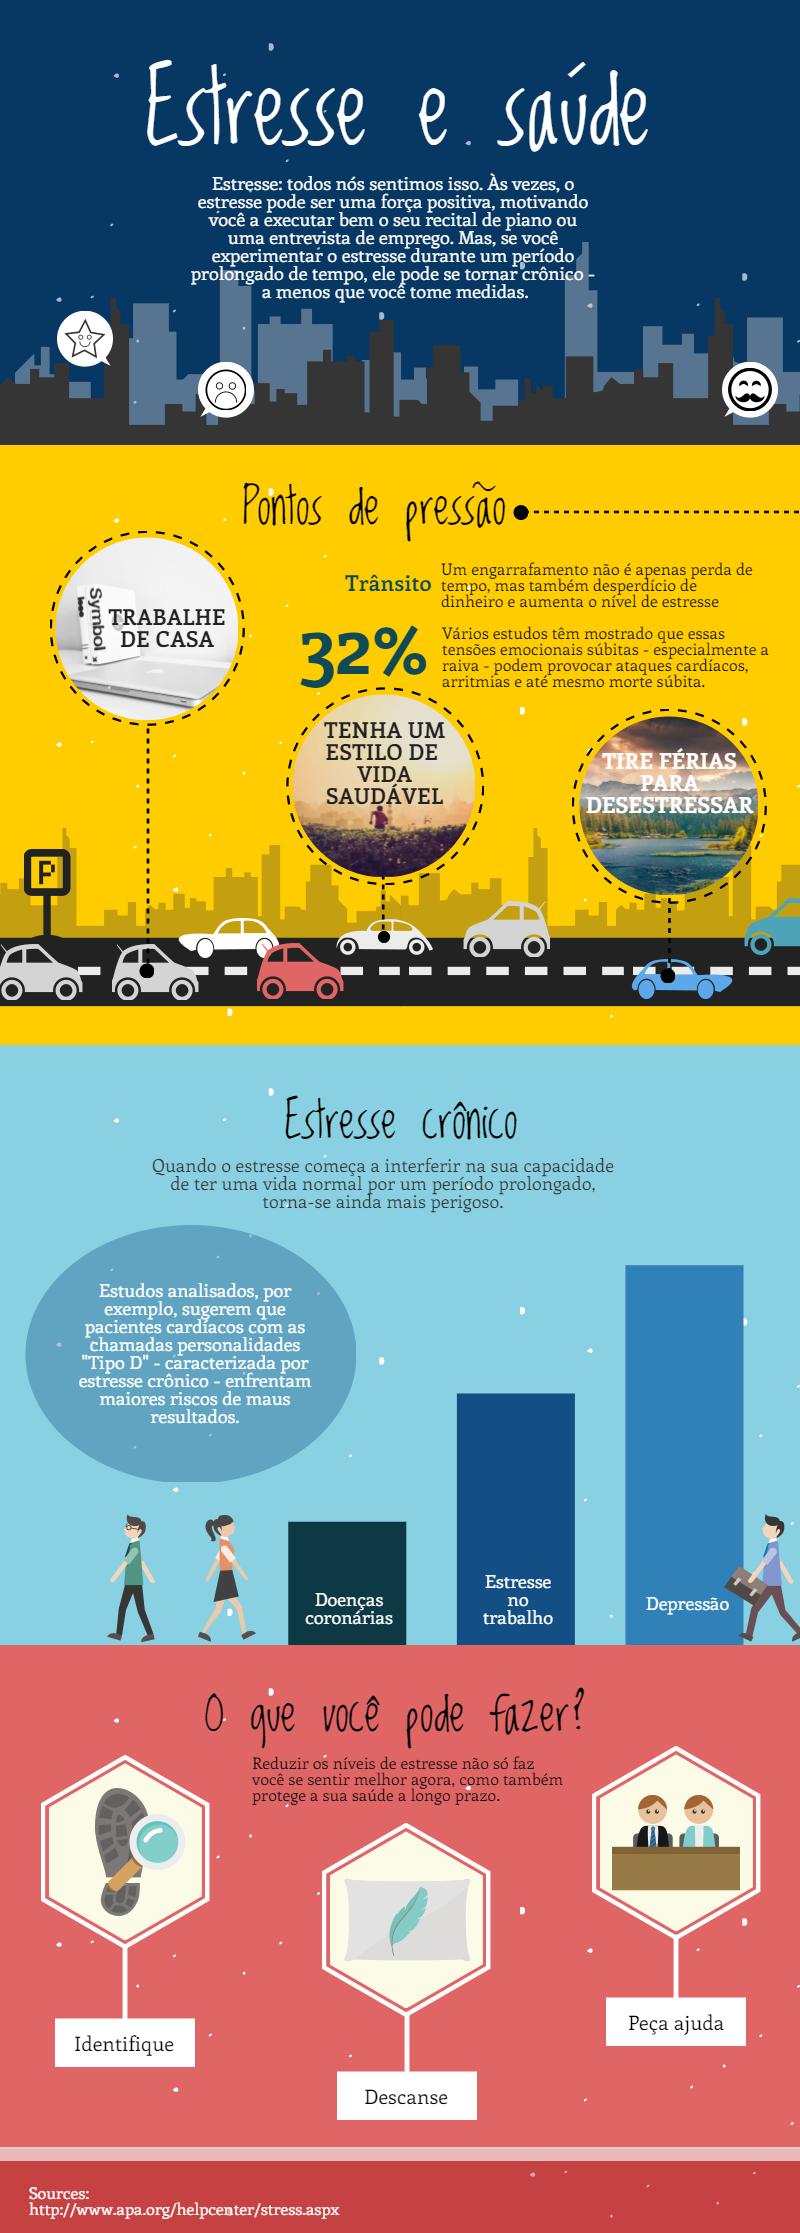 Fortissima - NÍVEL DE ESTRESSE infográfico